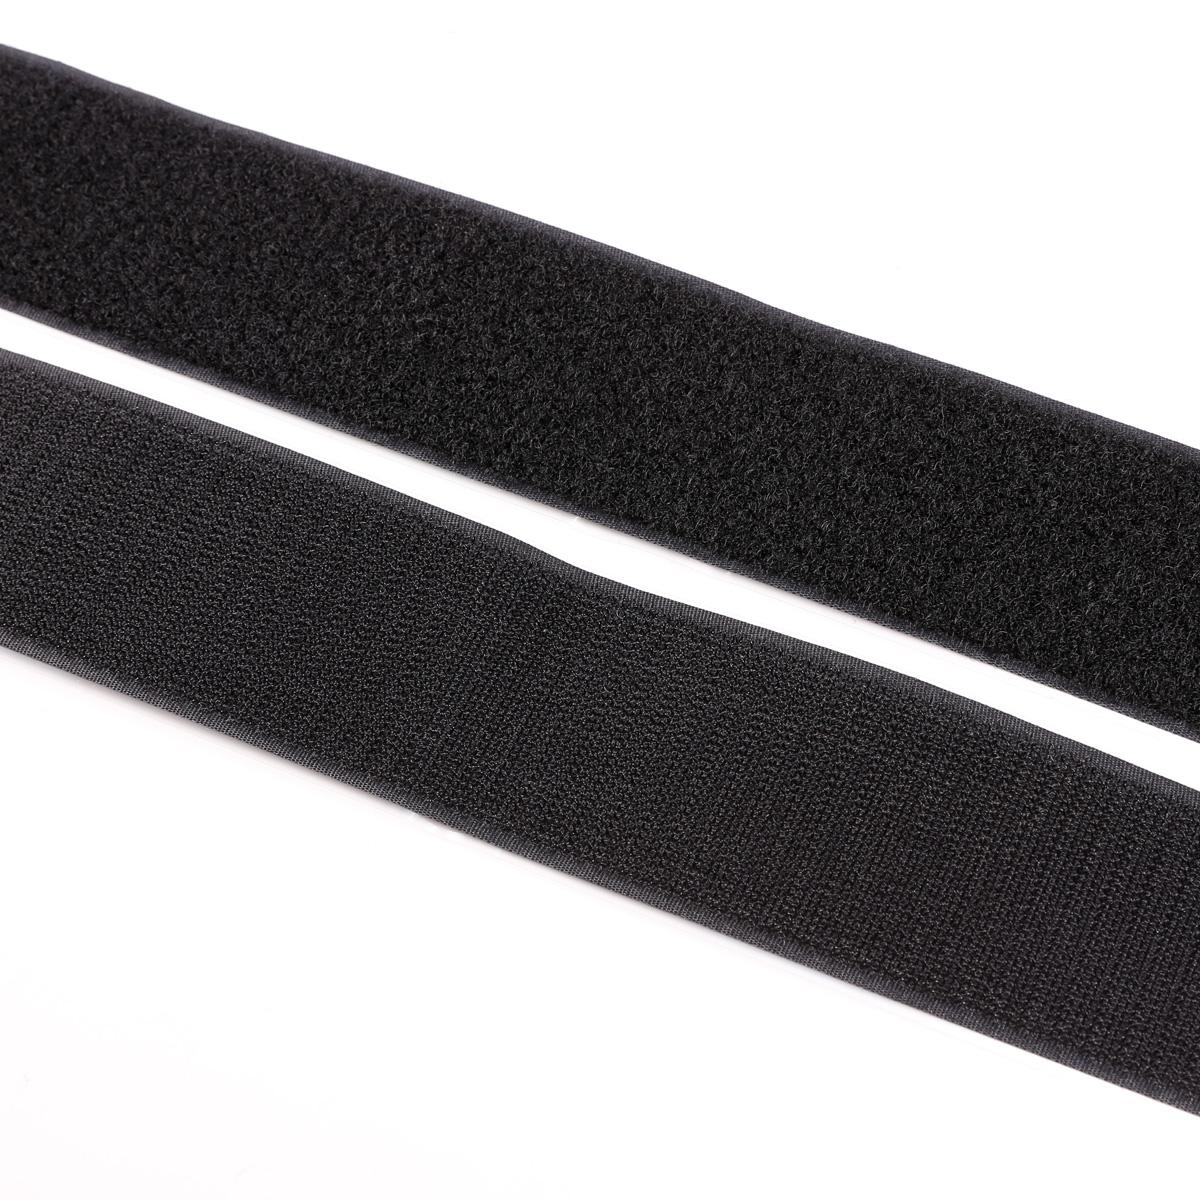 1m klettband haken flausch klettverschluss breite 50mm selbstklebend schwarz ebay. Black Bedroom Furniture Sets. Home Design Ideas